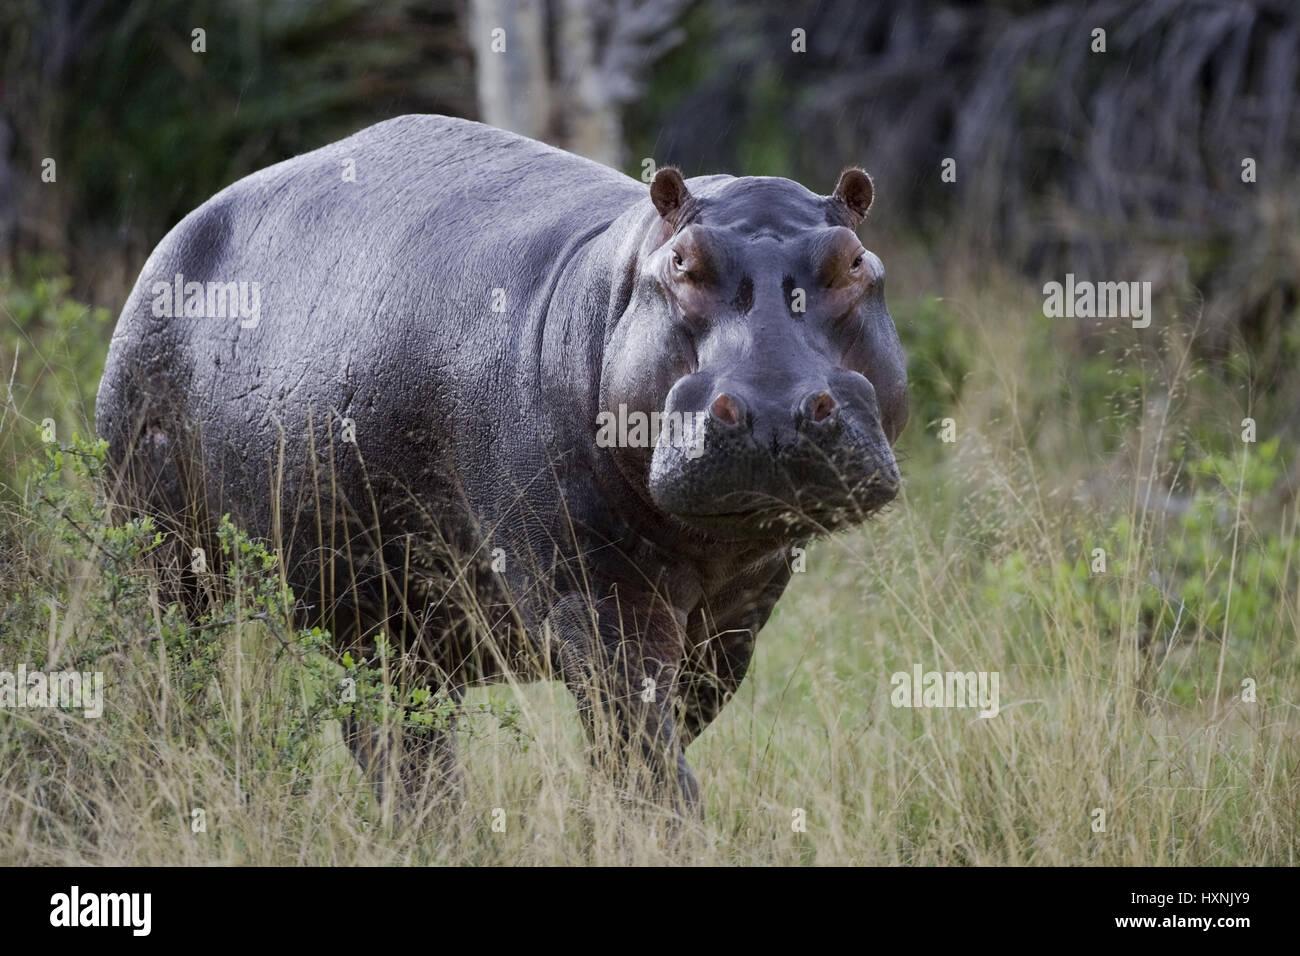 Hippopotamus, Hippopotamus amphibius - Hippopotamus , Flusspferd | Hippopotamus amphibius - Hippopotamus   im Buschland - Stock Image